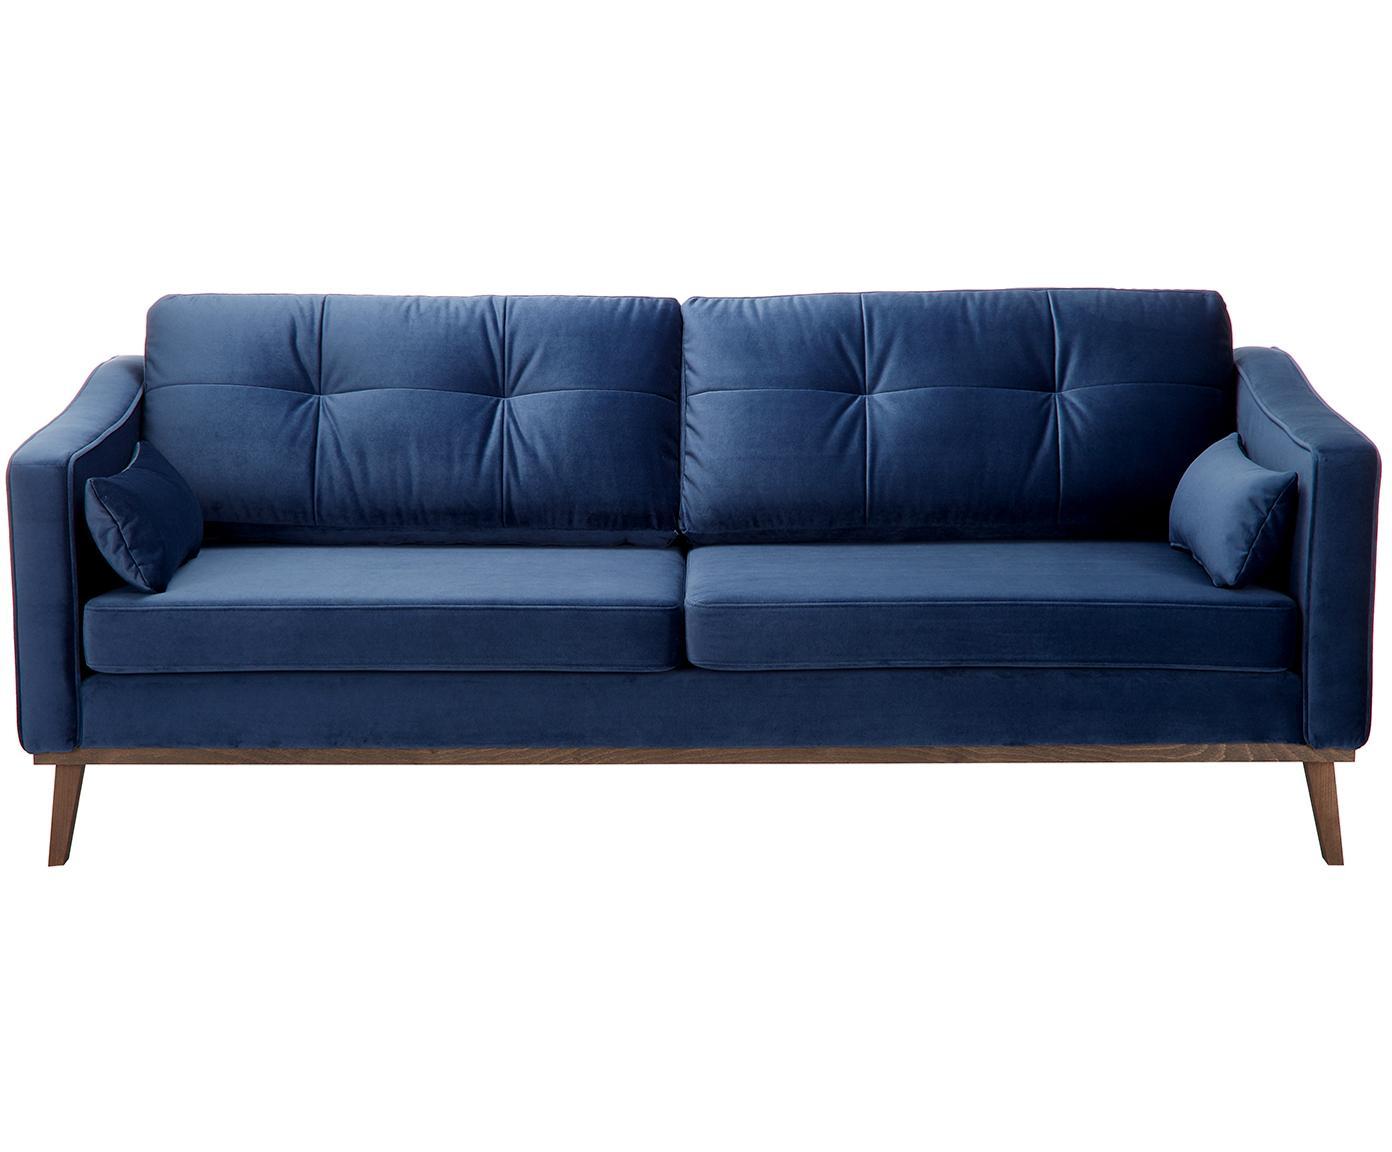 Sofá de terciopelo Alva (3plazas), Tapizado: terciopelo (poliéster de , Estructura: madera de pino maciza, Patas: madera de haya curtida, Azul oscuro, An 215 x F 92 cm